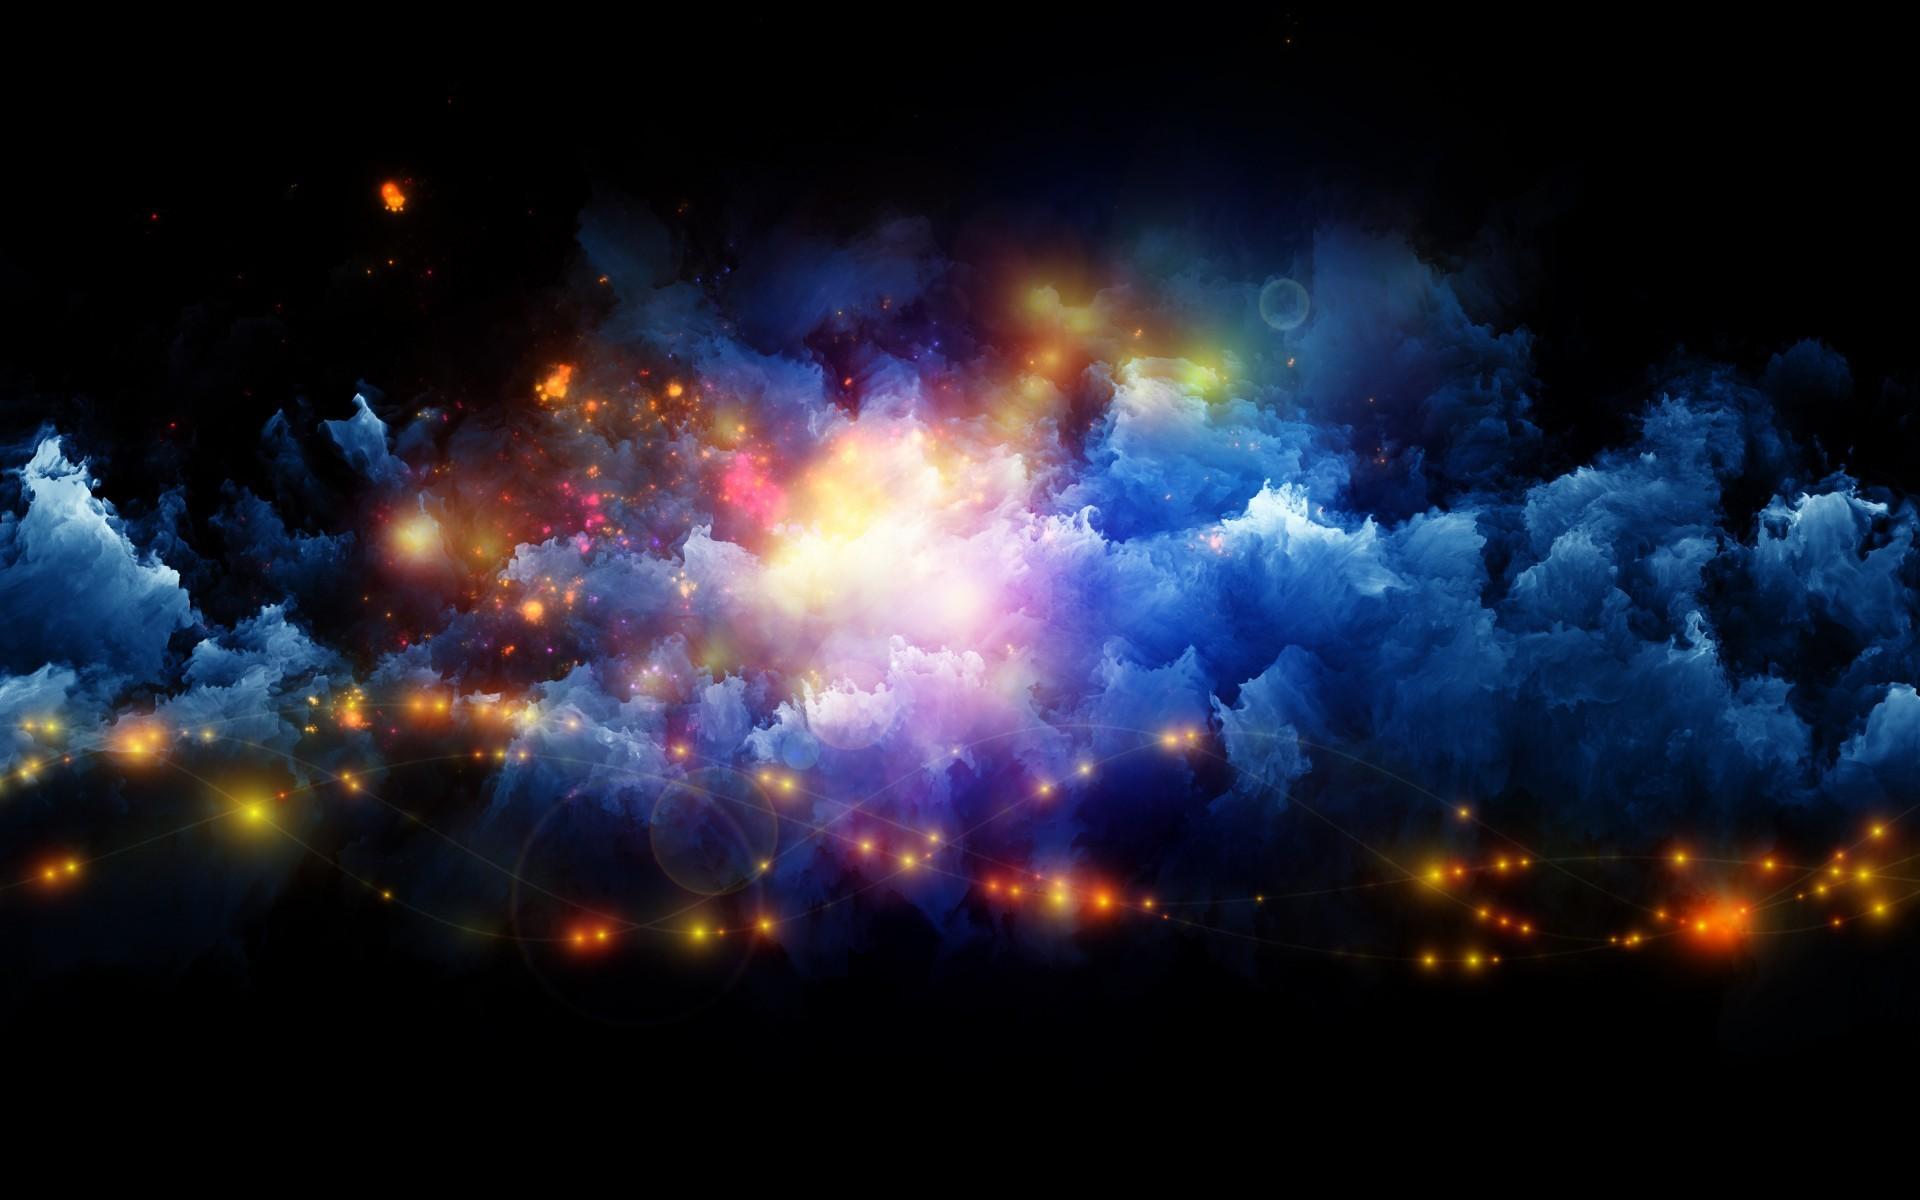 яйцо, эффект космического неба на фото удобства ознакомления другими